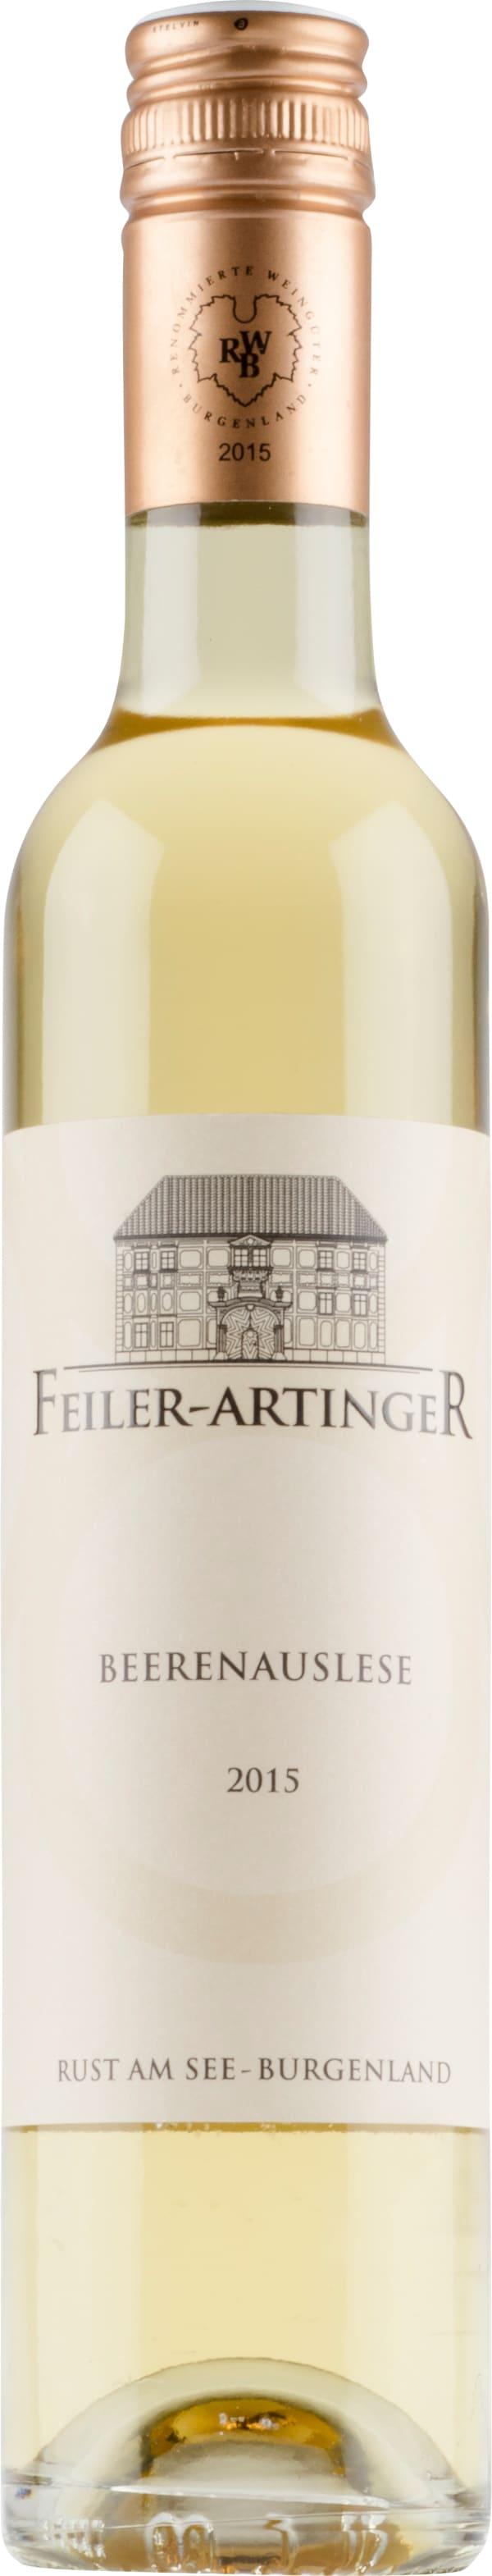 Feiler-Artinger Beerenauslese 2015